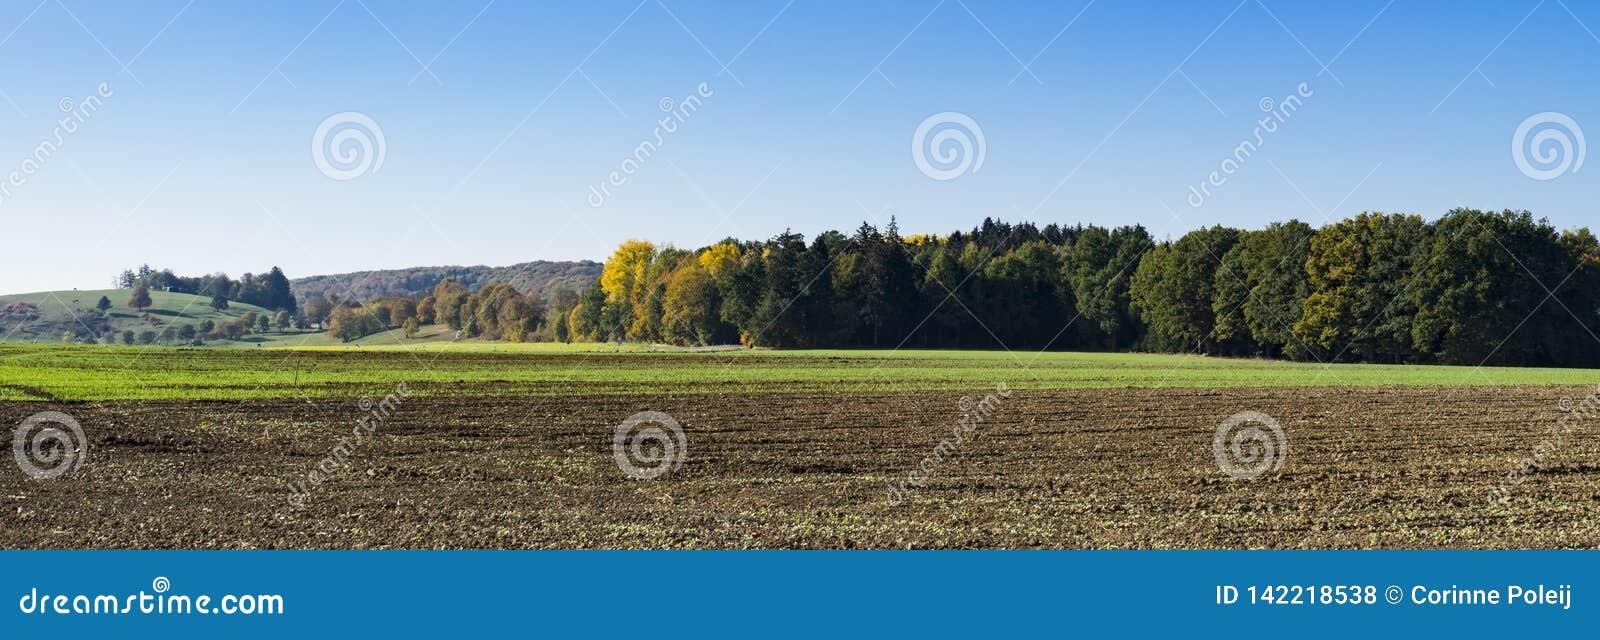 Krajobraz wzdłuż Romantycznej drogi, Buchdorf, Niemcy panorama